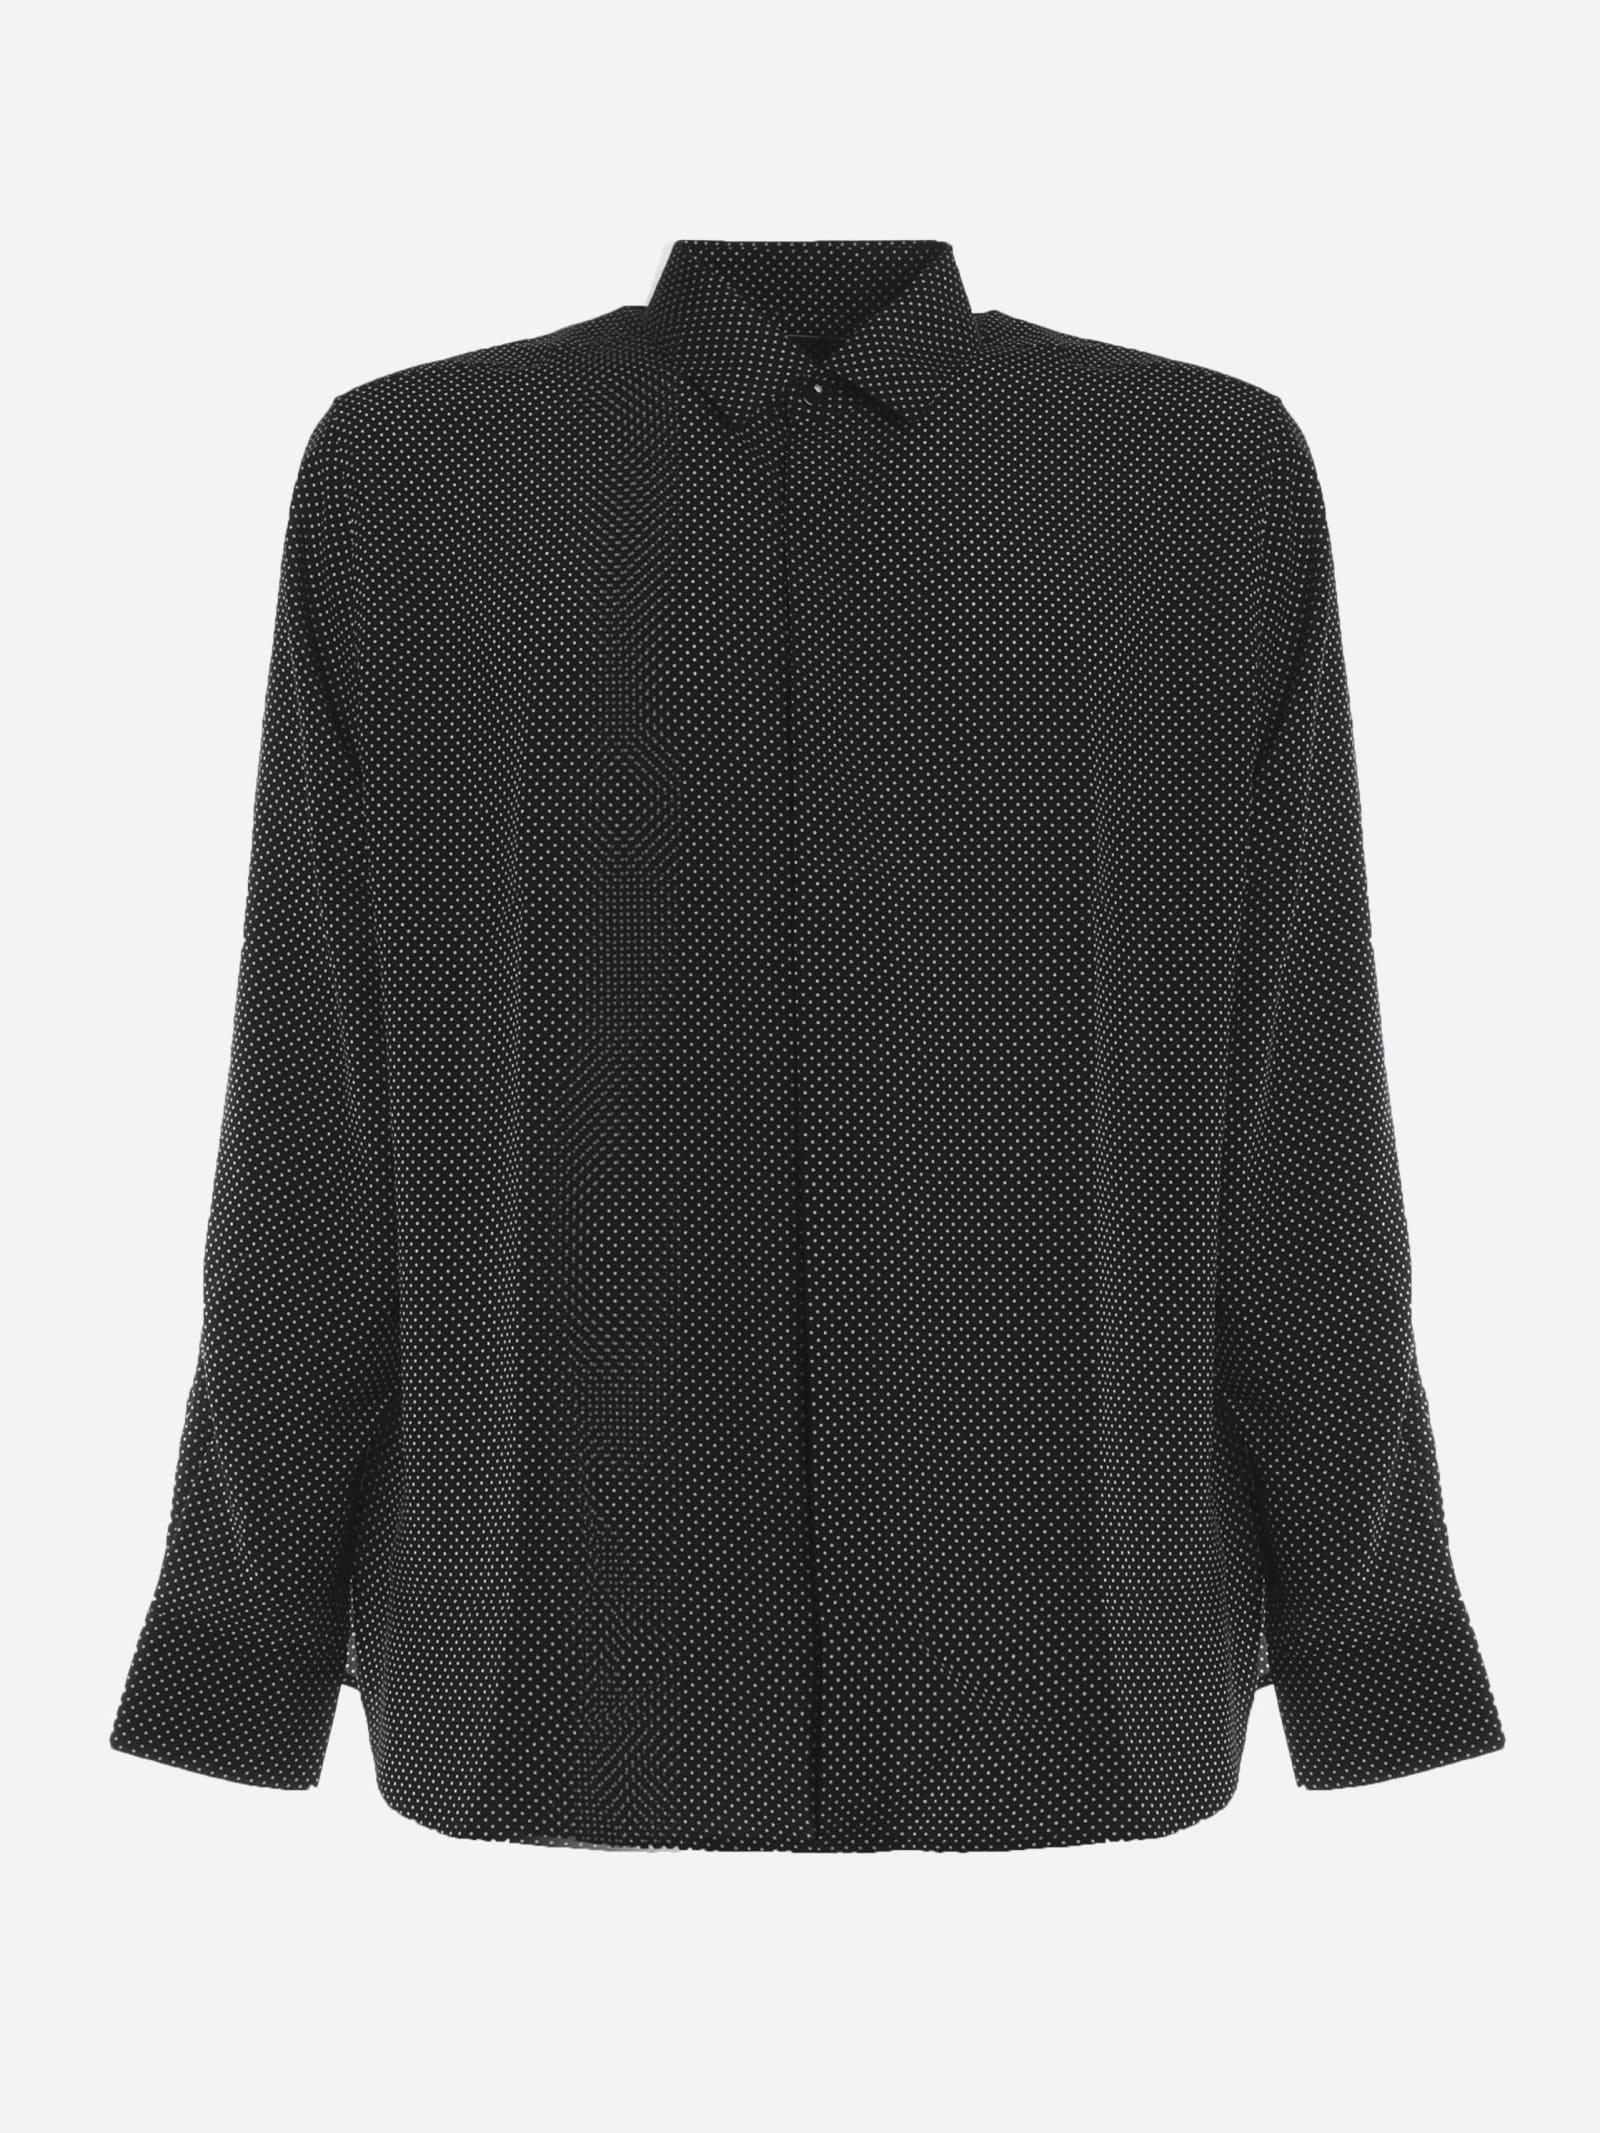 Saint Laurent Polka Dot Print Silk Shirt